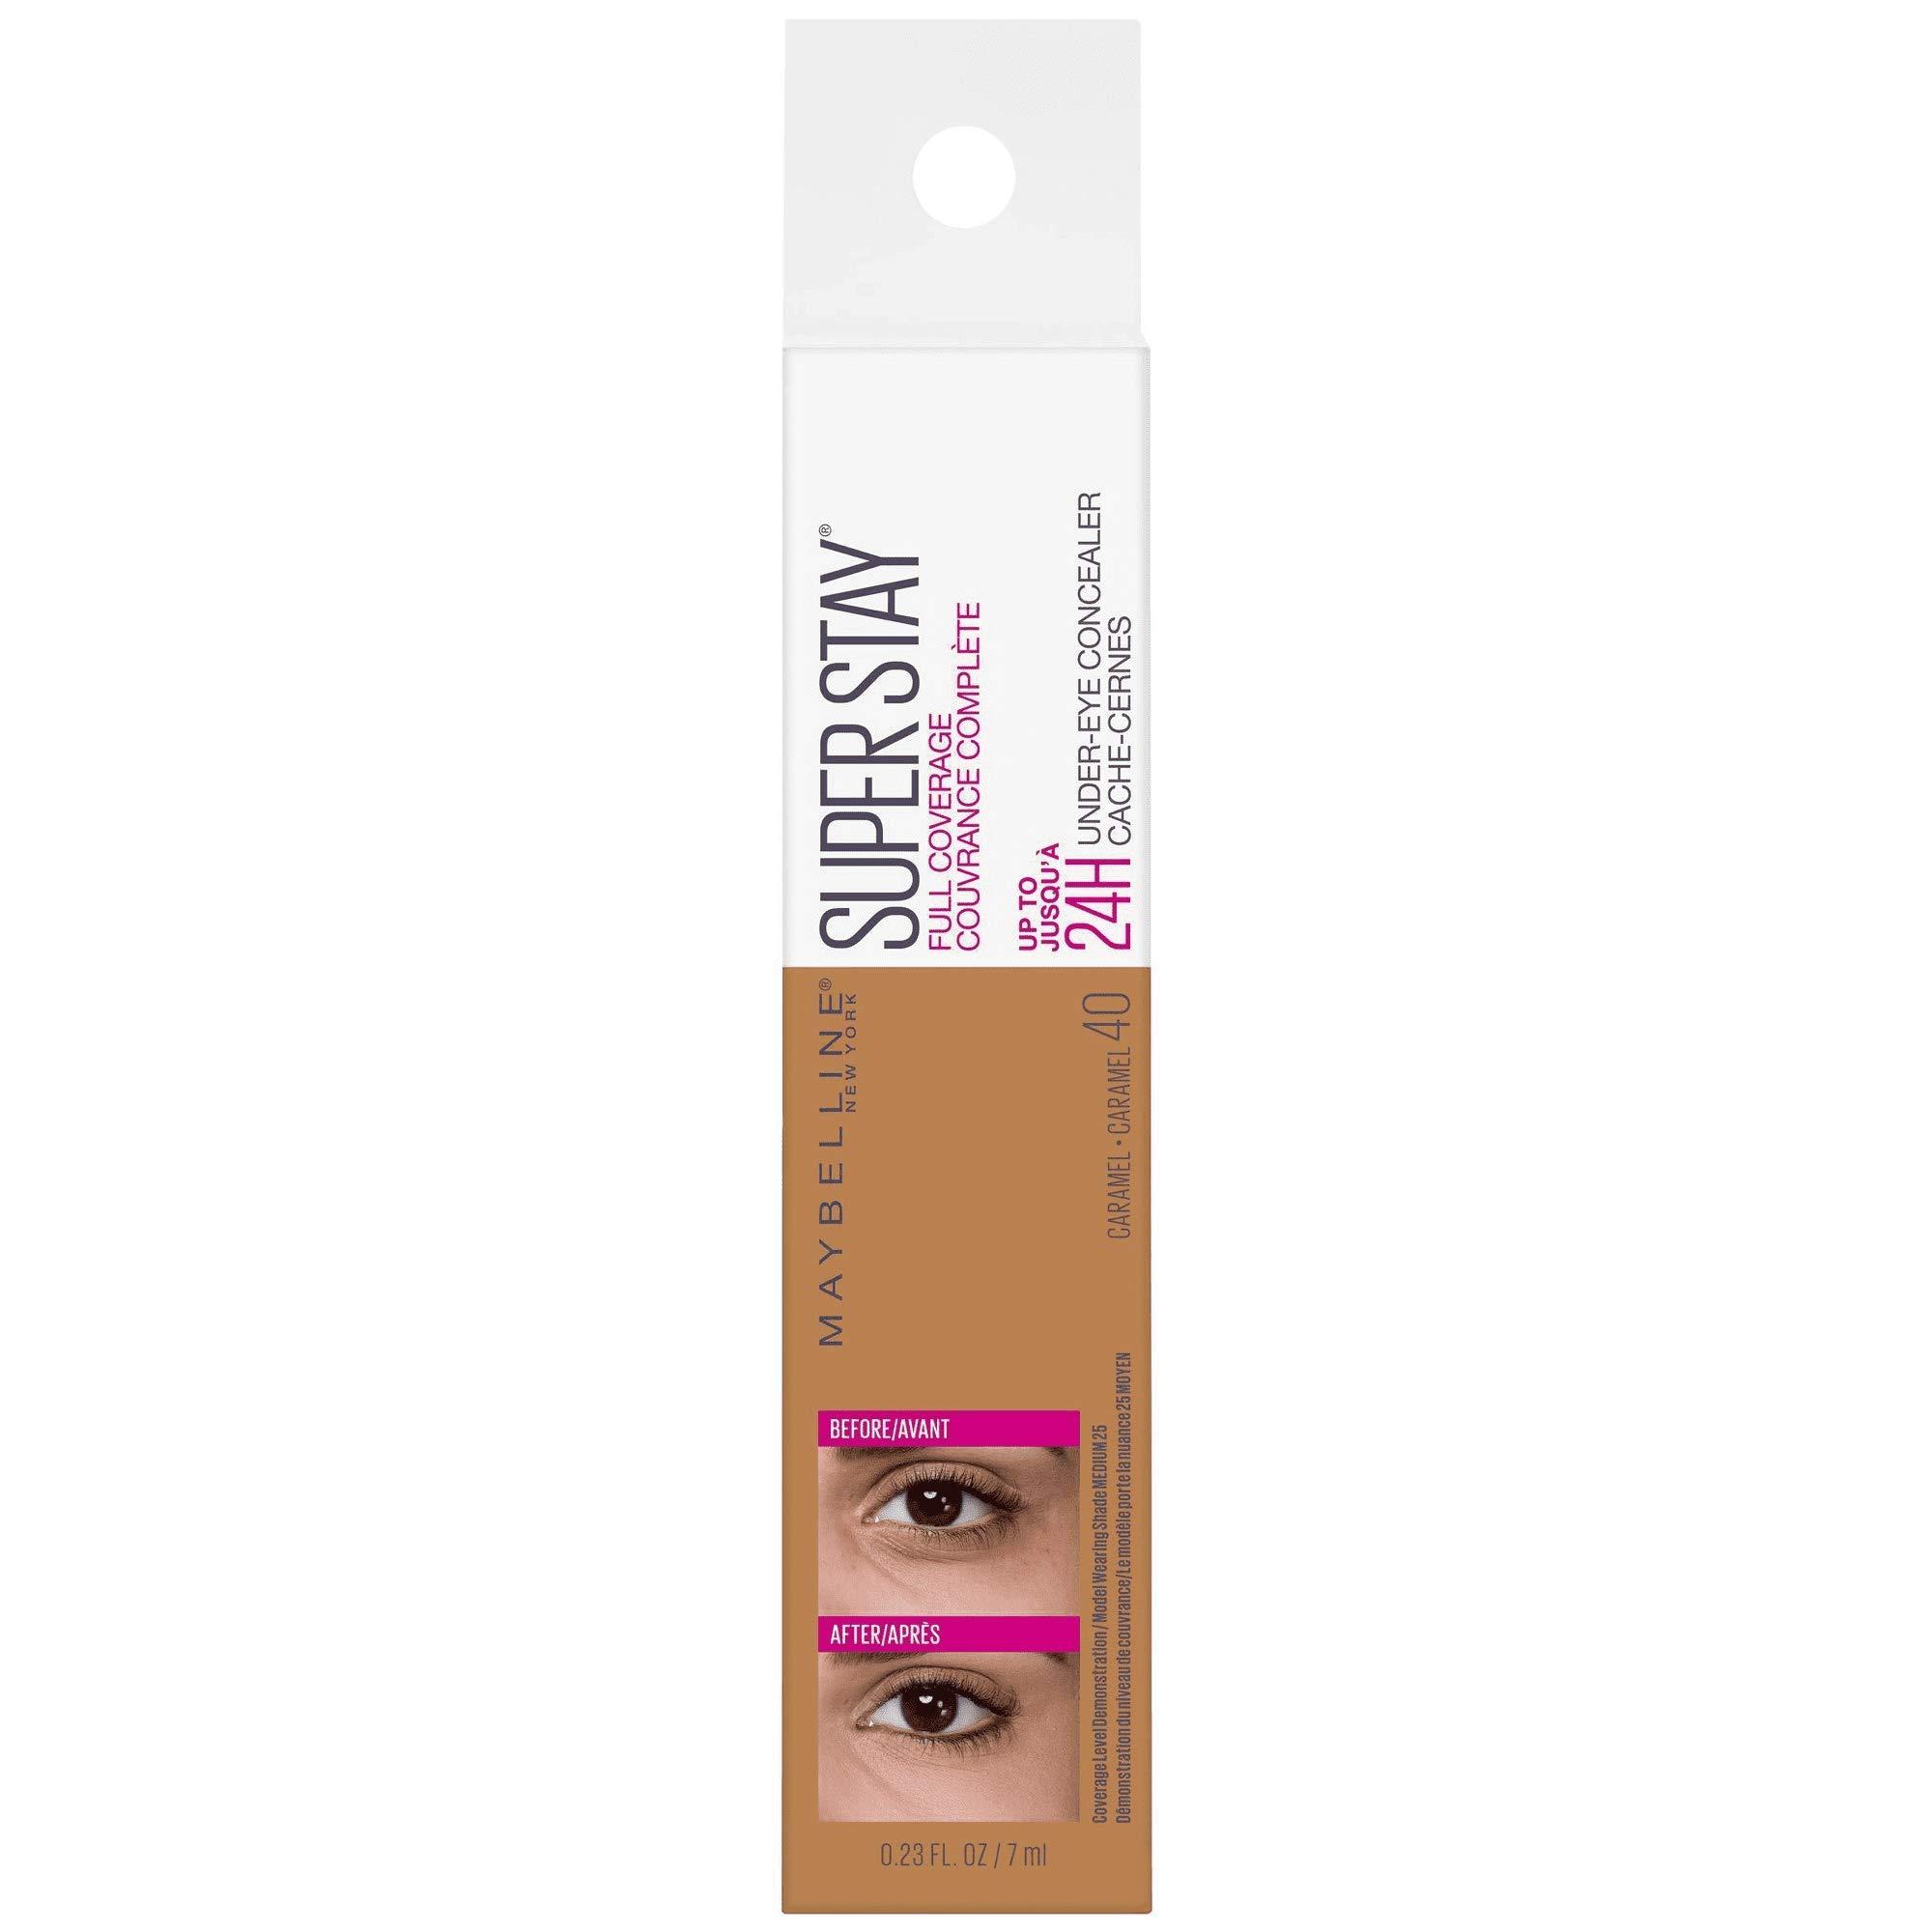 Super Stay Full Coverage Long Lasting Under-Eye Concealer, 40 Caramel, 0.23 fl oz (Pack of 2)